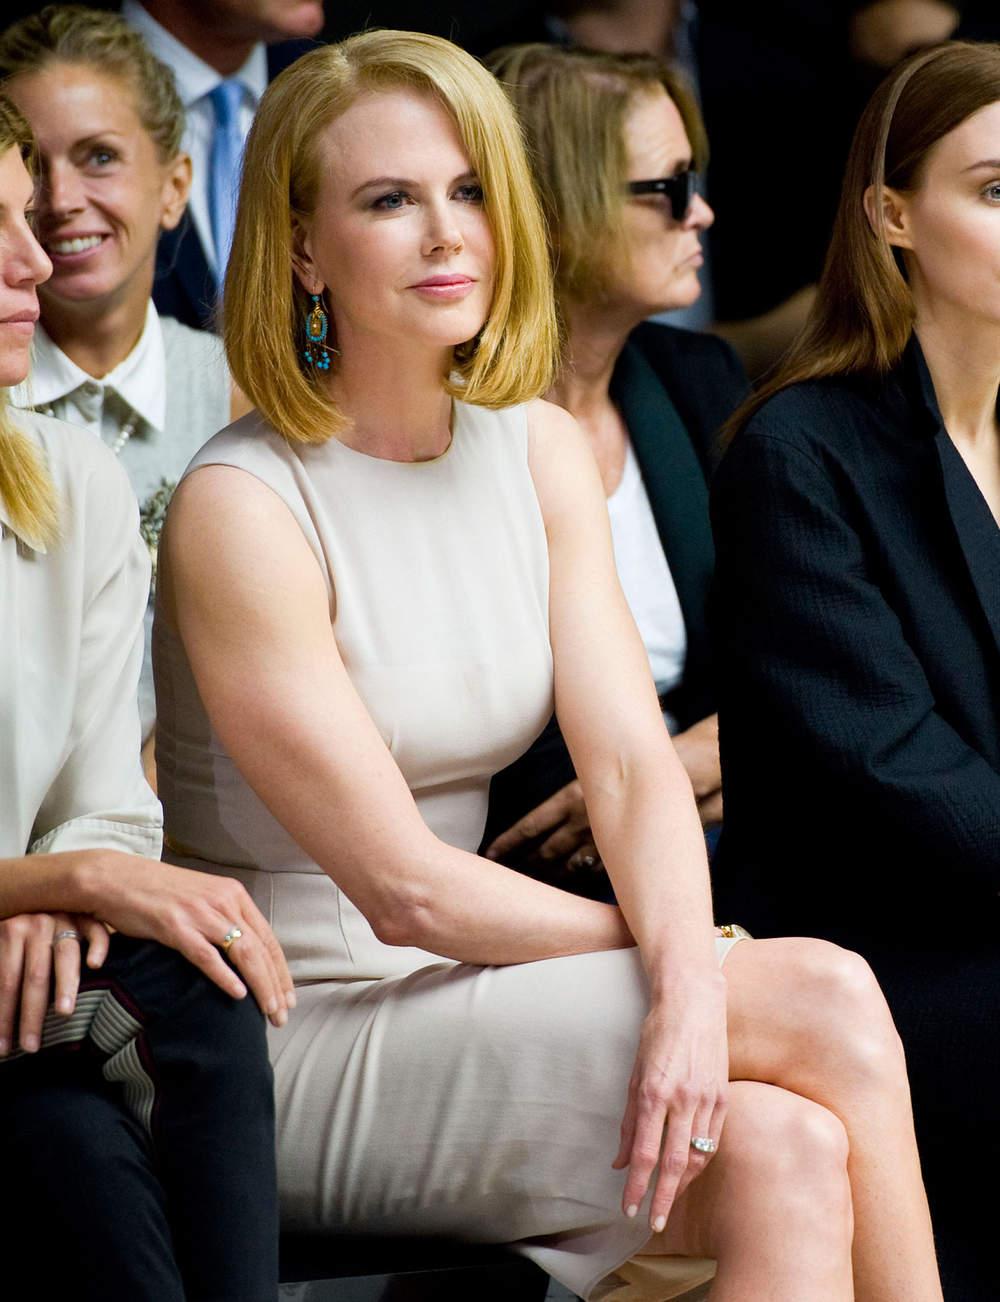 Le carré droit de Nicole Kidman